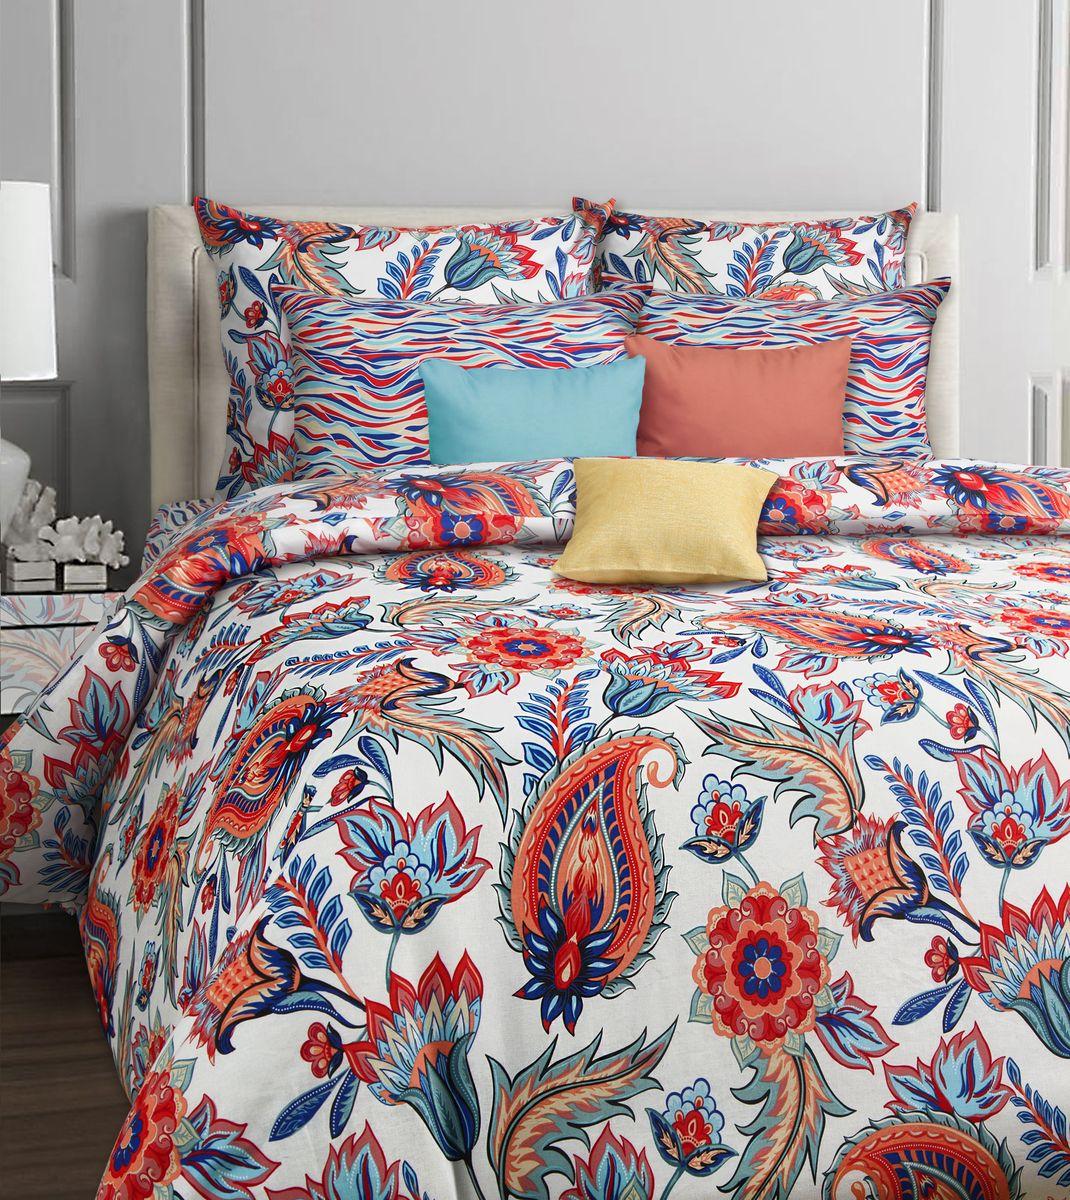 Комплект постельного белья Mona Liza Classik. Leila, 2-спальный, наволочки 50х70, бязь552205/45Коллекция постельного белья MONA LIZA Classic поражает многообразием дизайнов. Среди них легко подобрать необходимый рисунок, который создаст в доме уют. Комплекты выполнены из бязи 100 % хлопка.